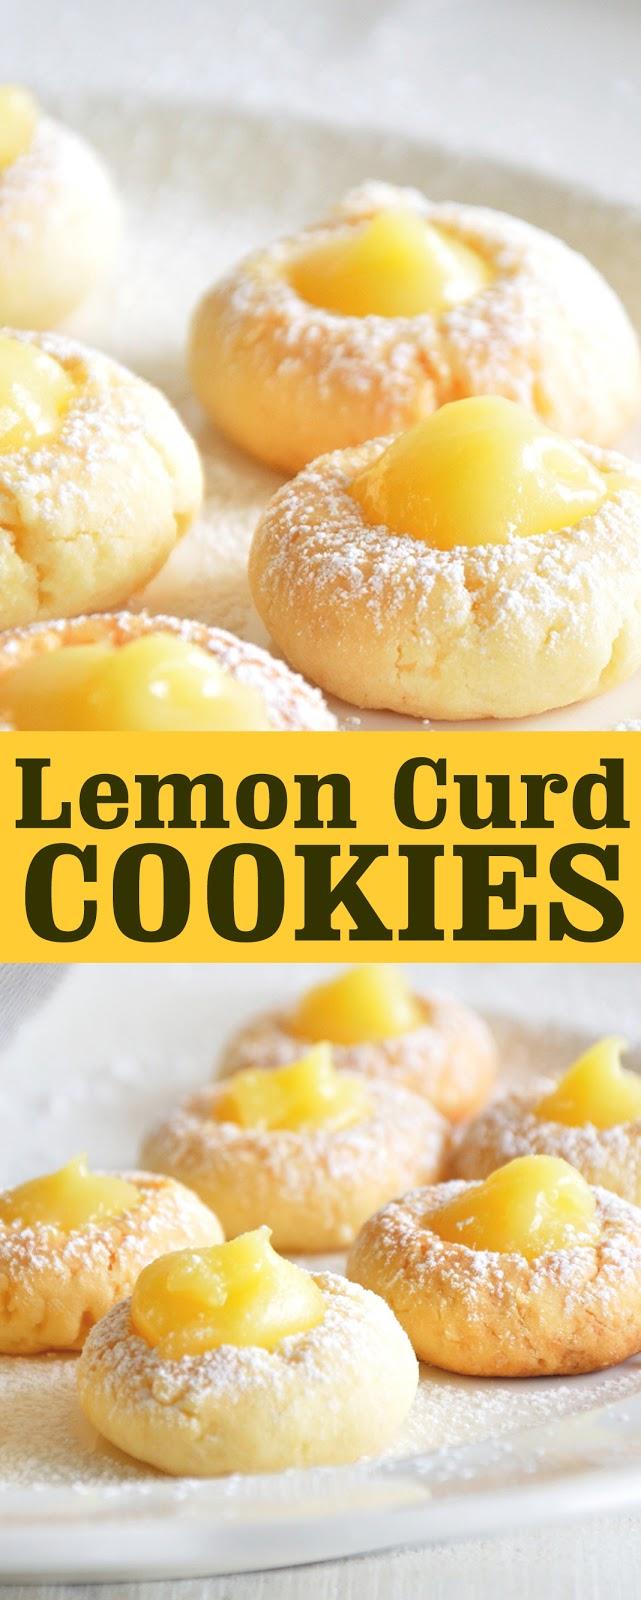 Recipe Lemon Curd Cookies #cookies #recipes